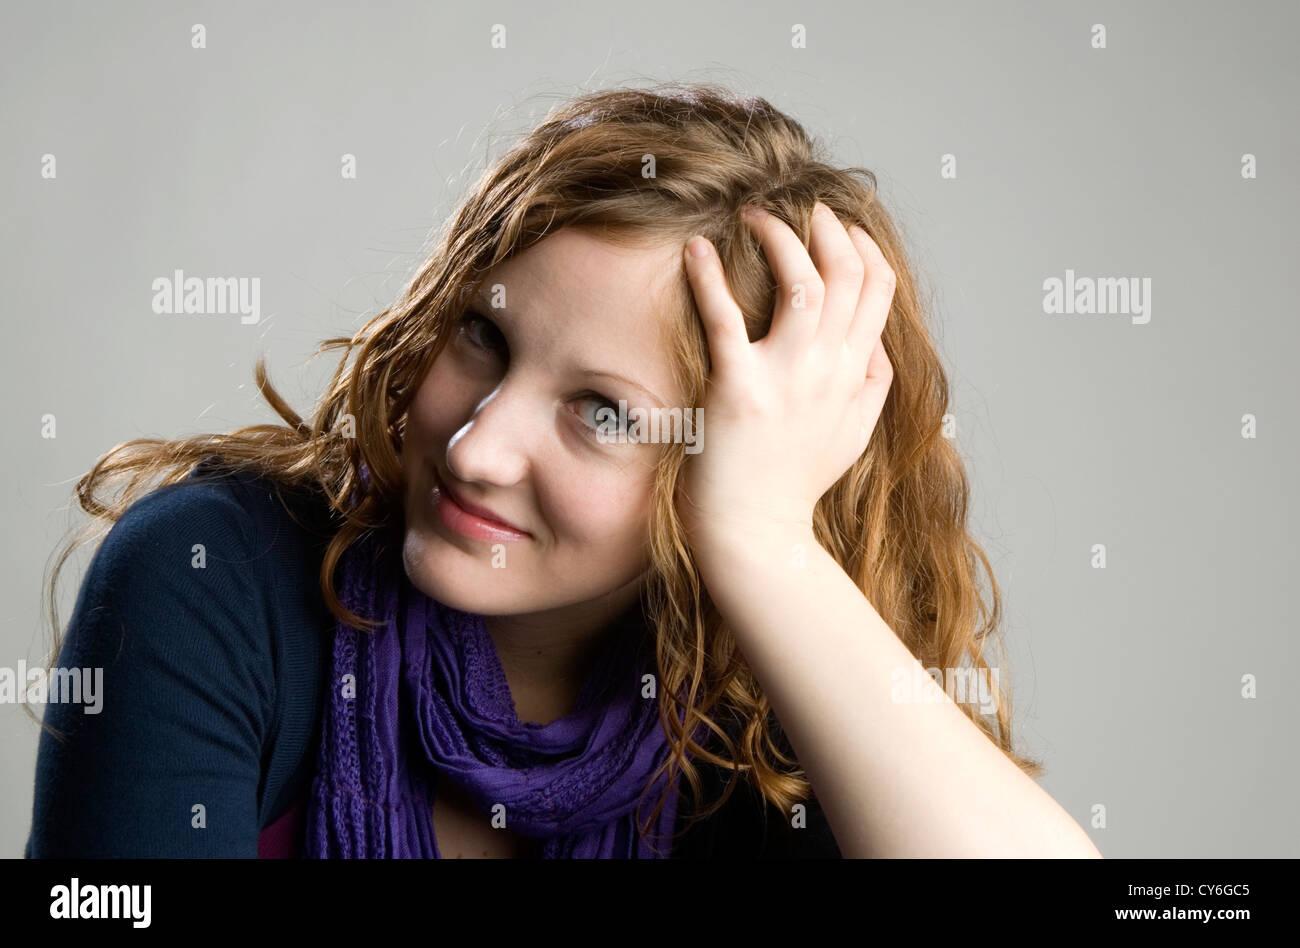 Retrato de mujer joven con cabello rojo apareciendo relajado Imagen De Stock